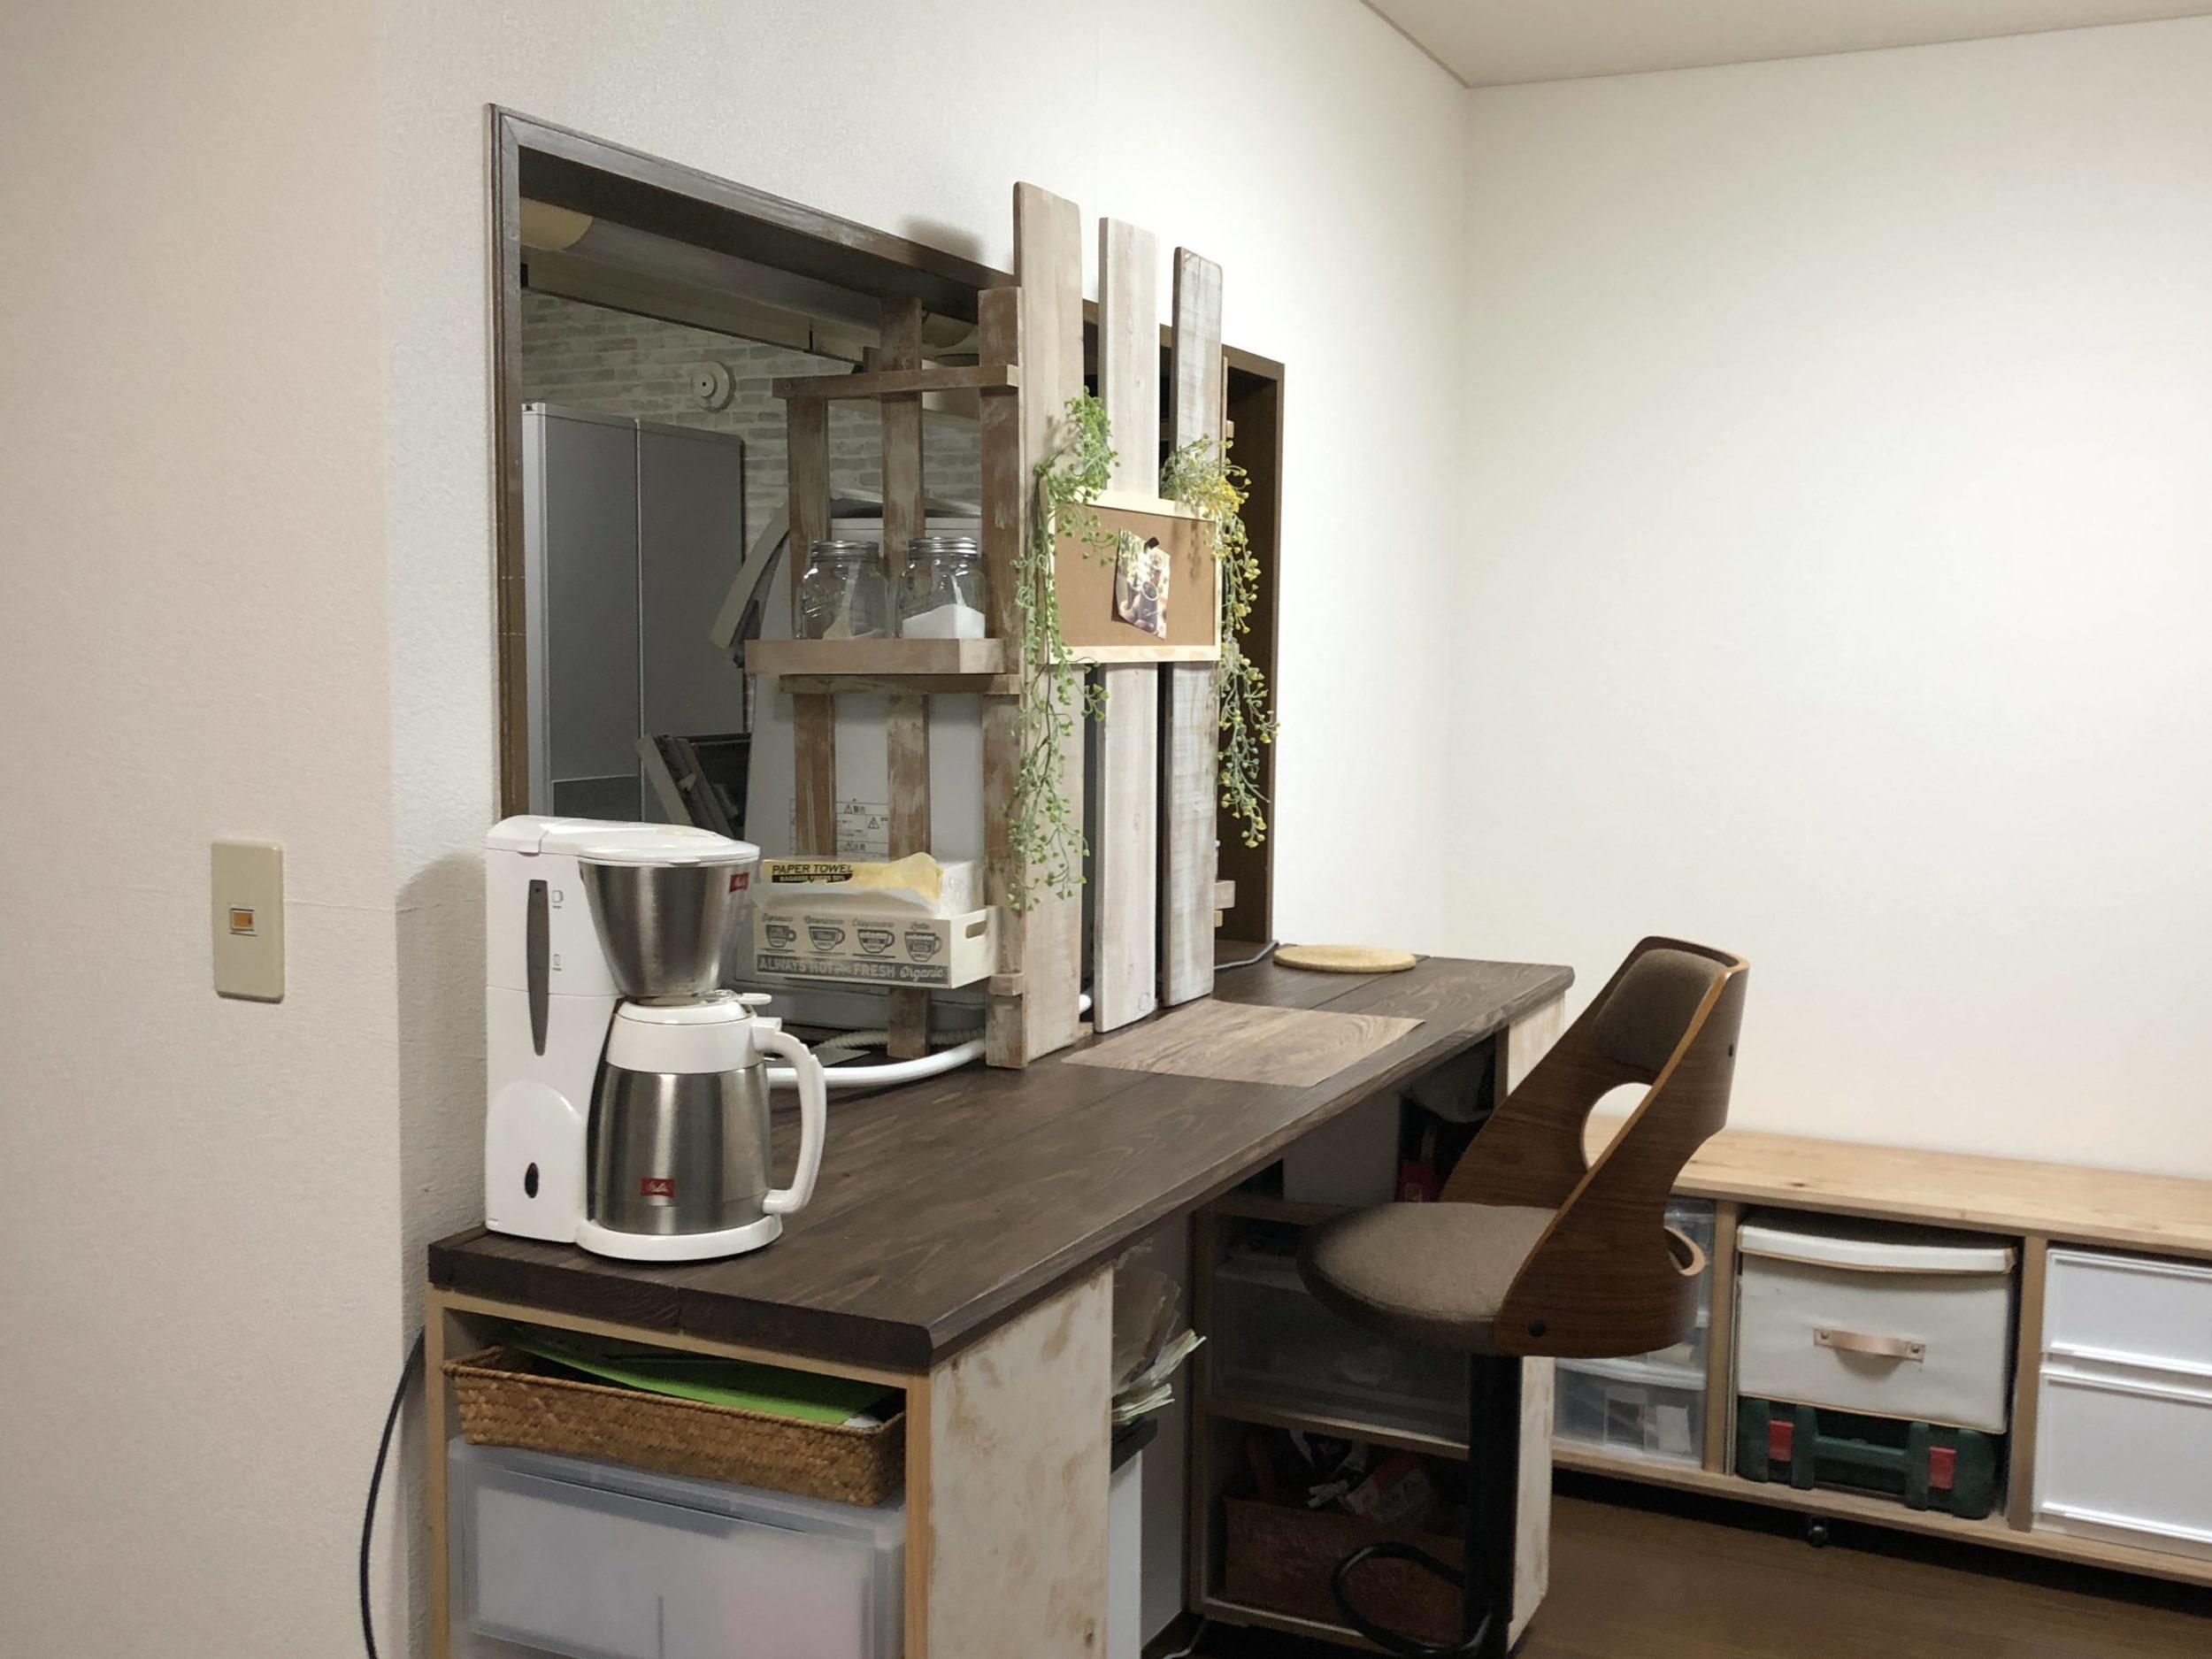 完成したキッチンカウンターの画像